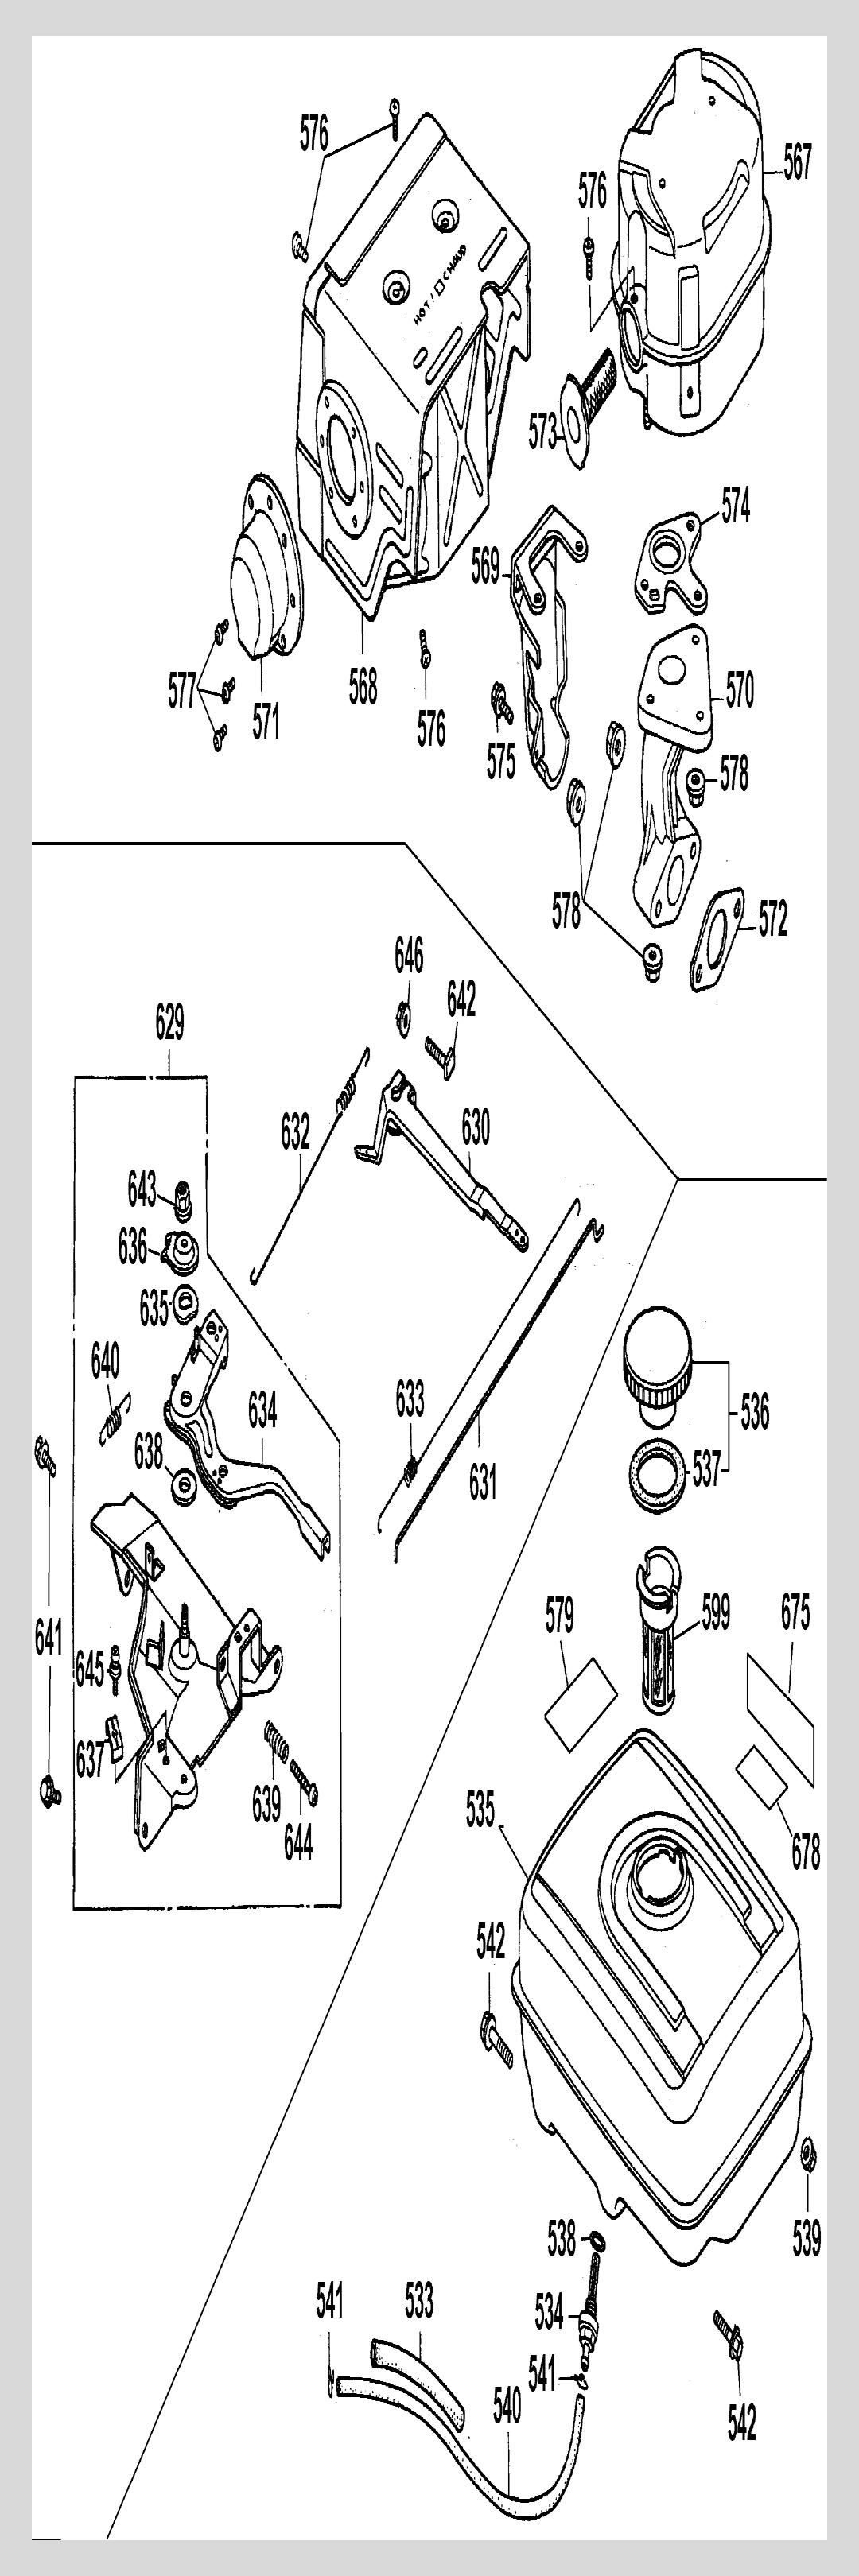 D55275-T3-Dewalt-PB-3Break Down